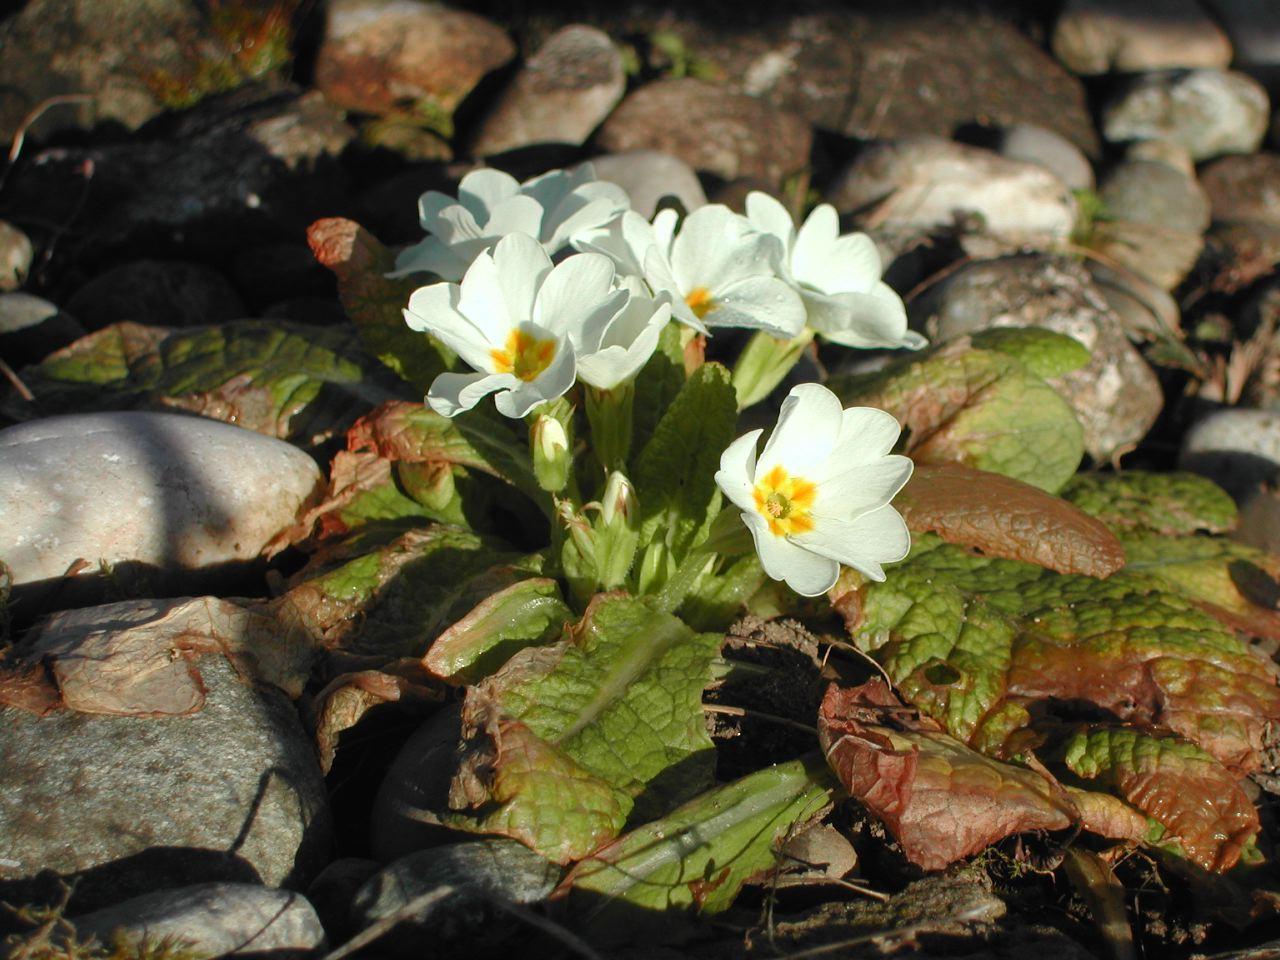 Bildergalerien umweltnetz.ch » Frühlingsbilder